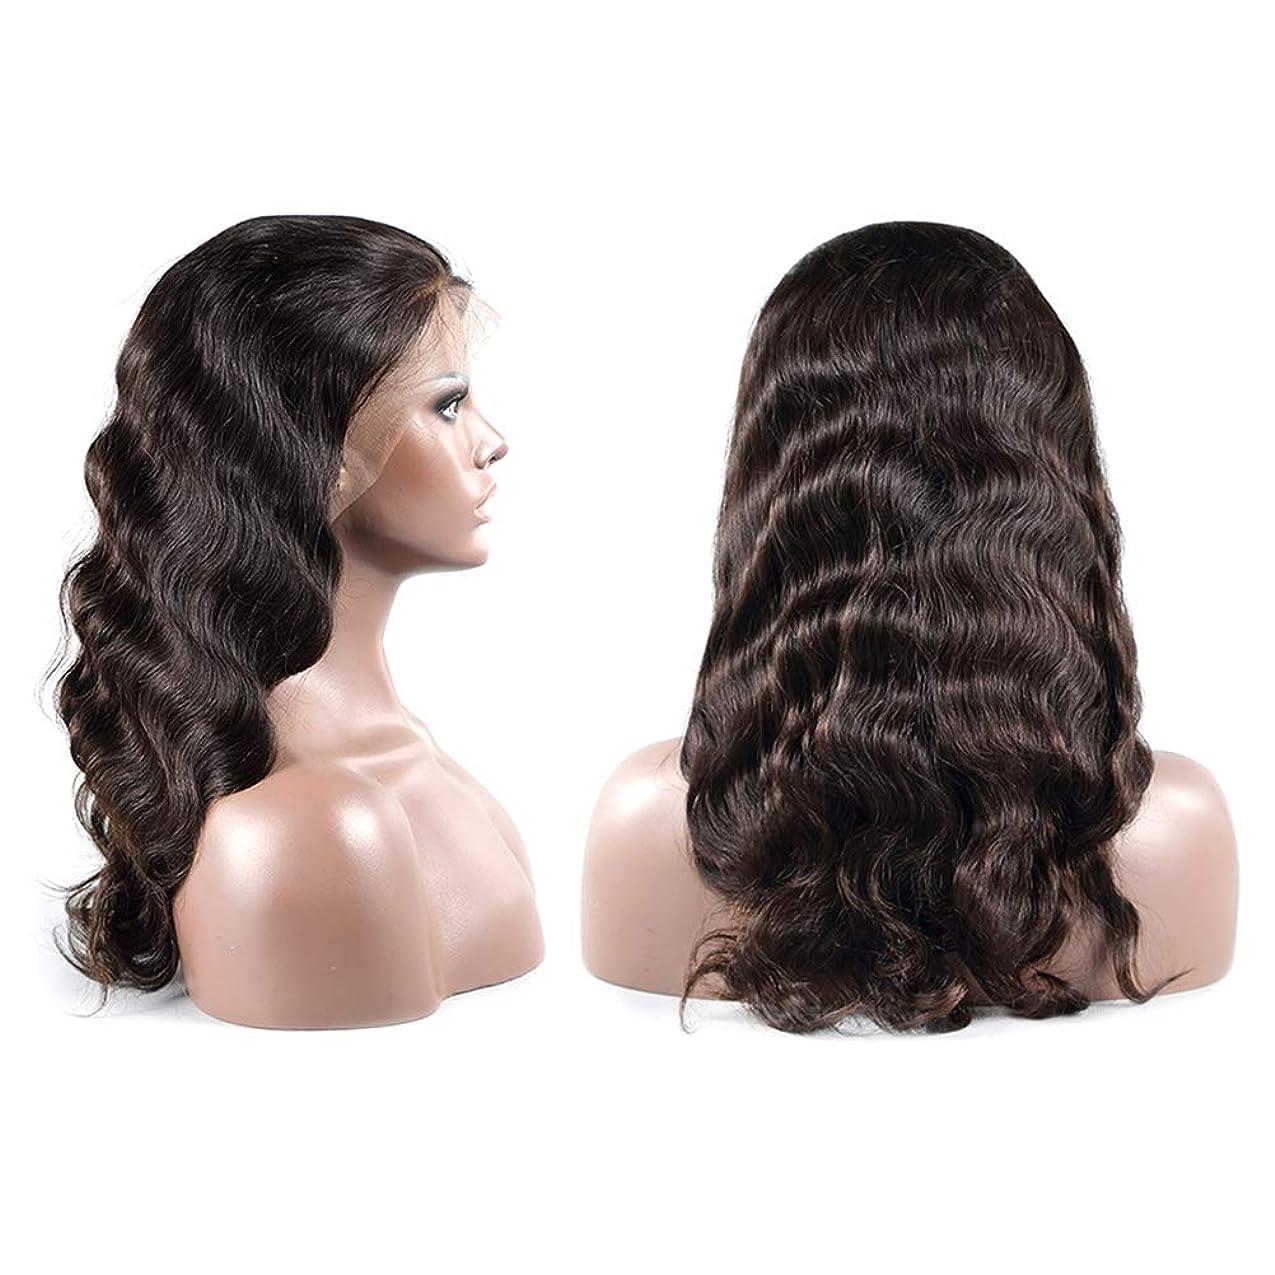 に大腿強います女性ファッション長い巻き毛のかつらフロントレースカールかつら自然に見える絶妙な弾性ネットかつらカバー(LS-036)